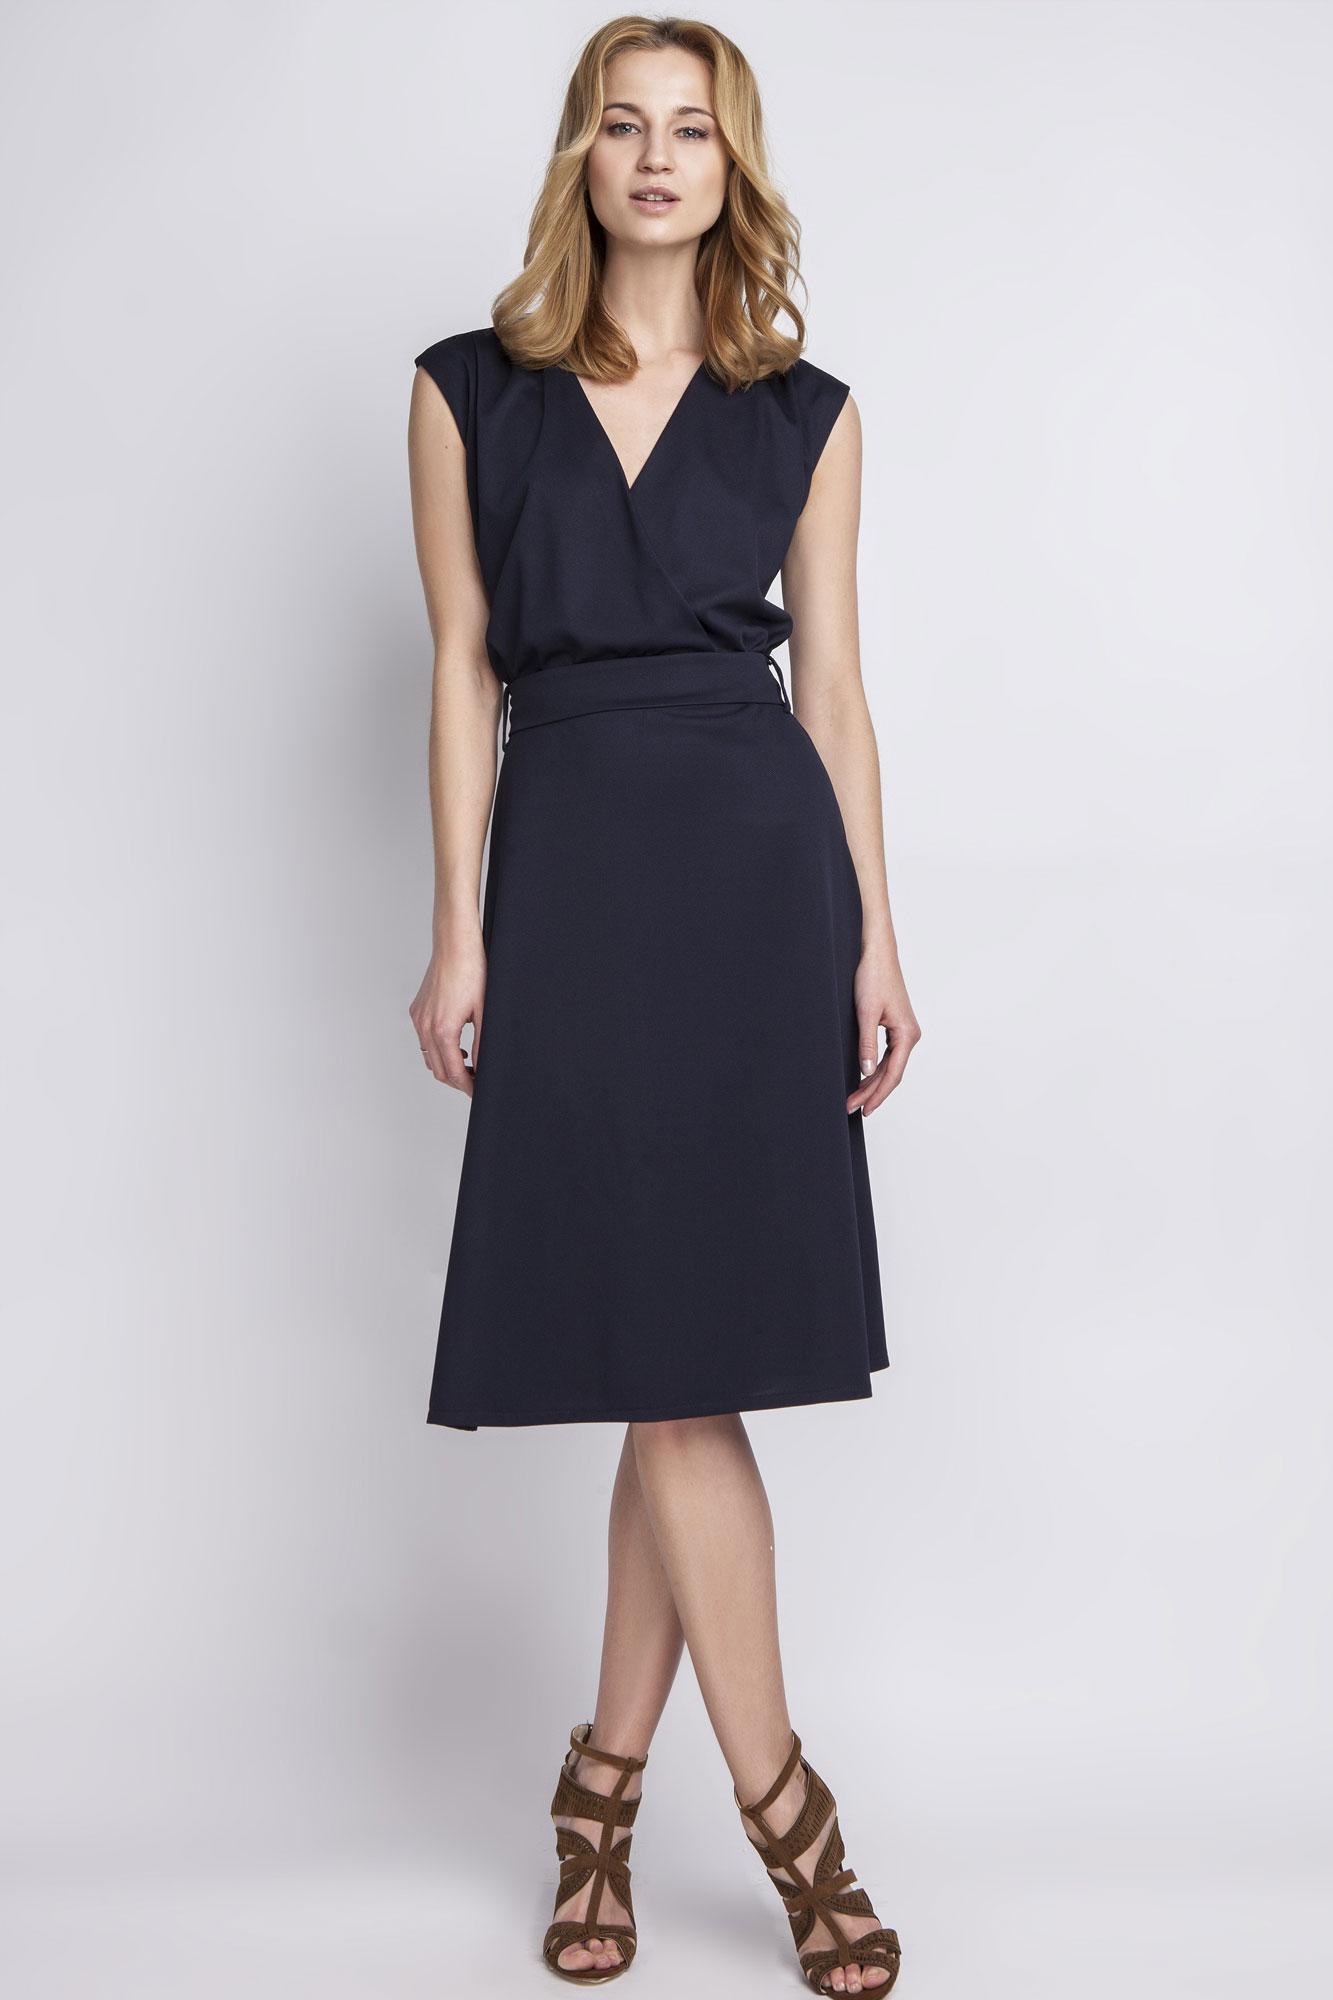 Платье для женщины 40 лет миди